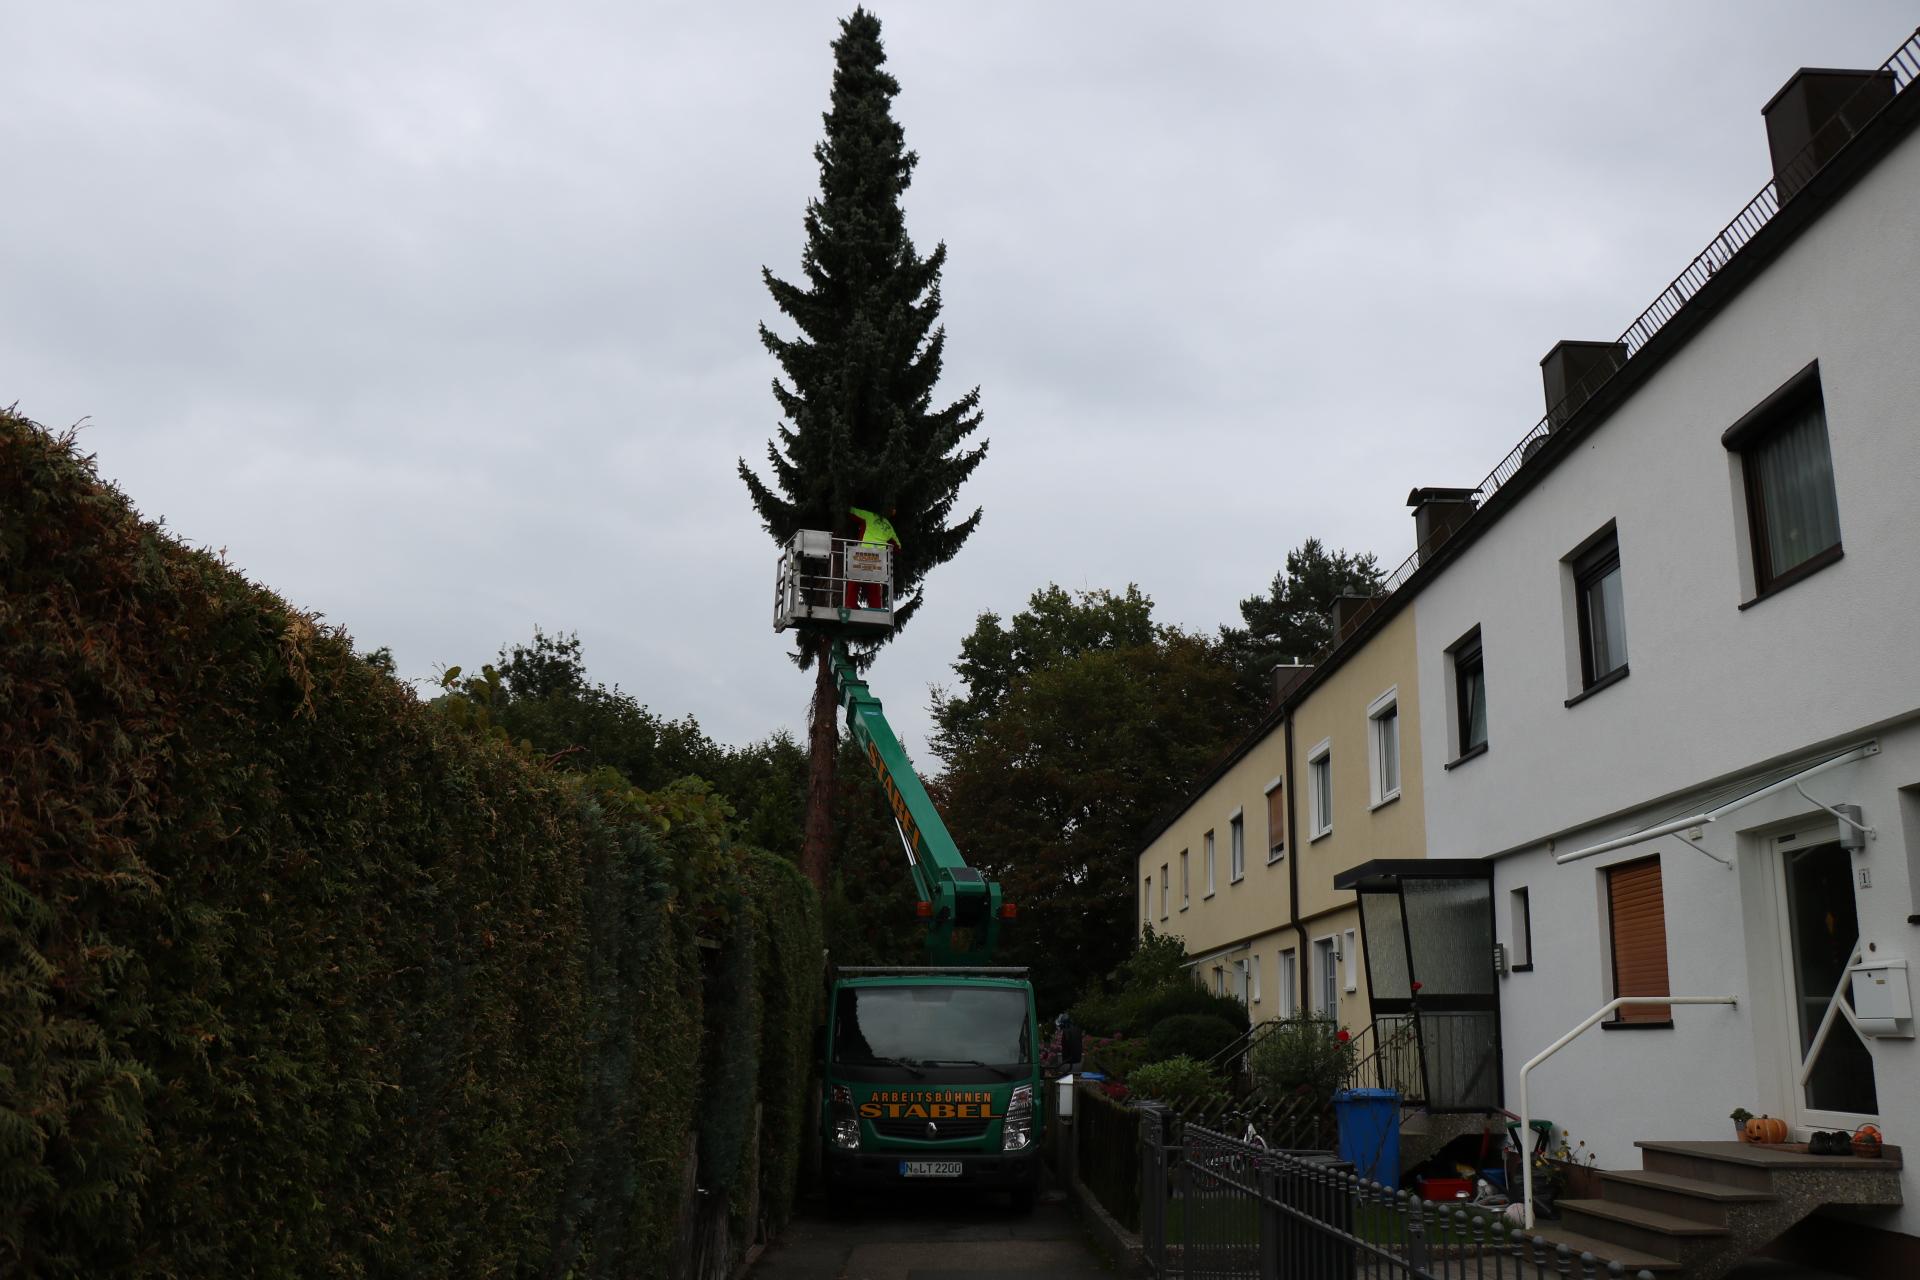 Baumfällung im Wohngebiet